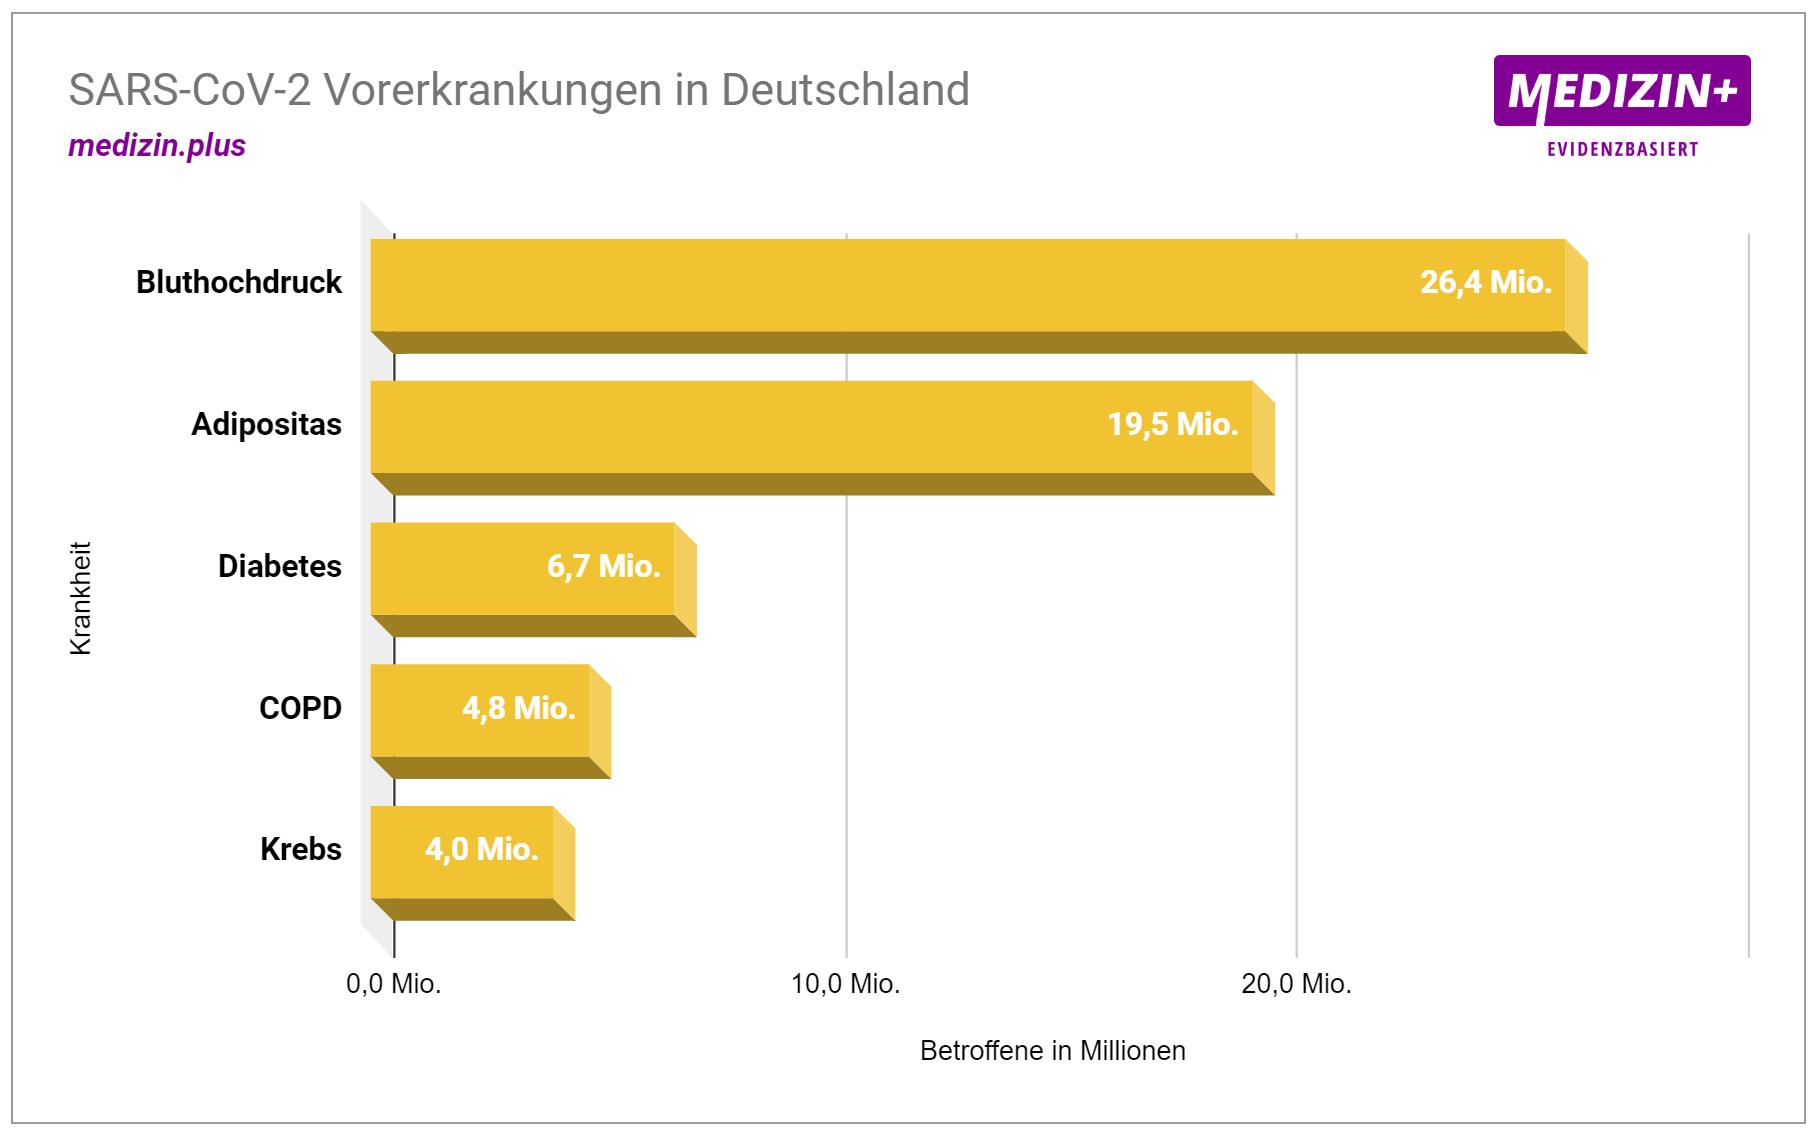 Corona: Verbreitung von Vorerkrankungen in Deutschland